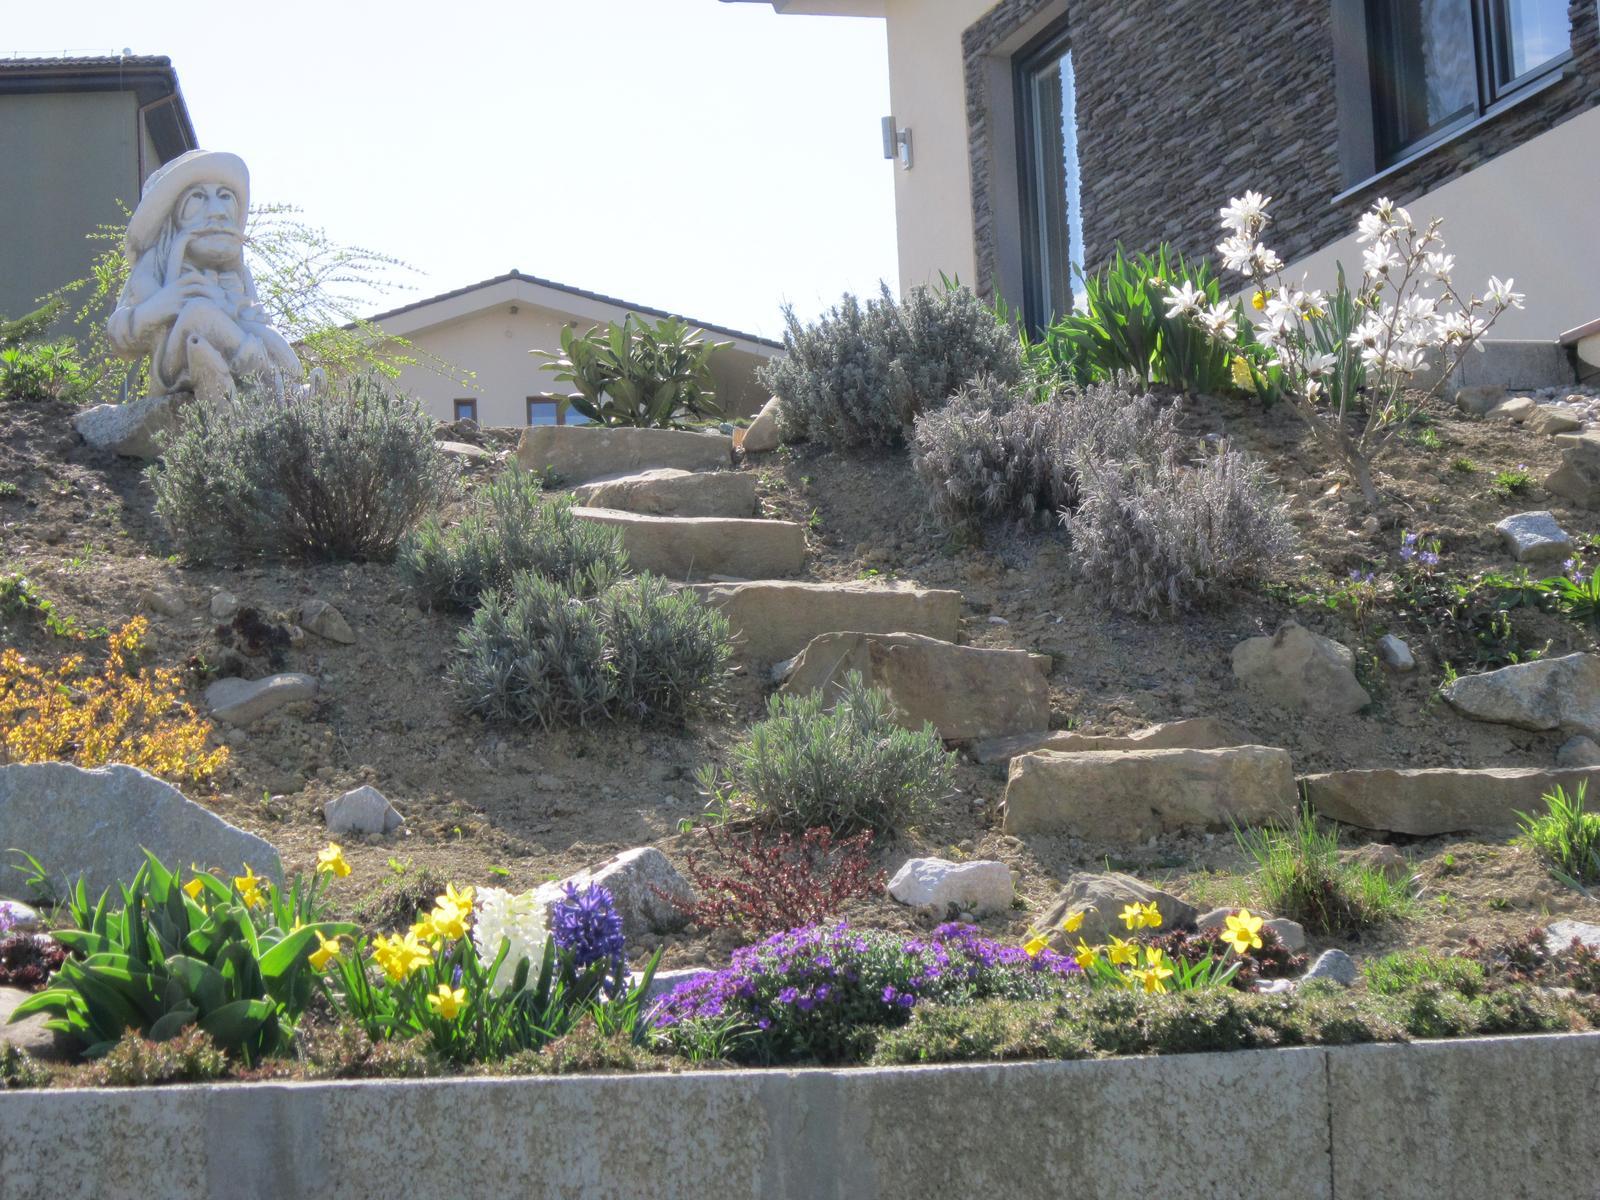 Moja záhrada...ako šiel čas - Obrázok č. 1